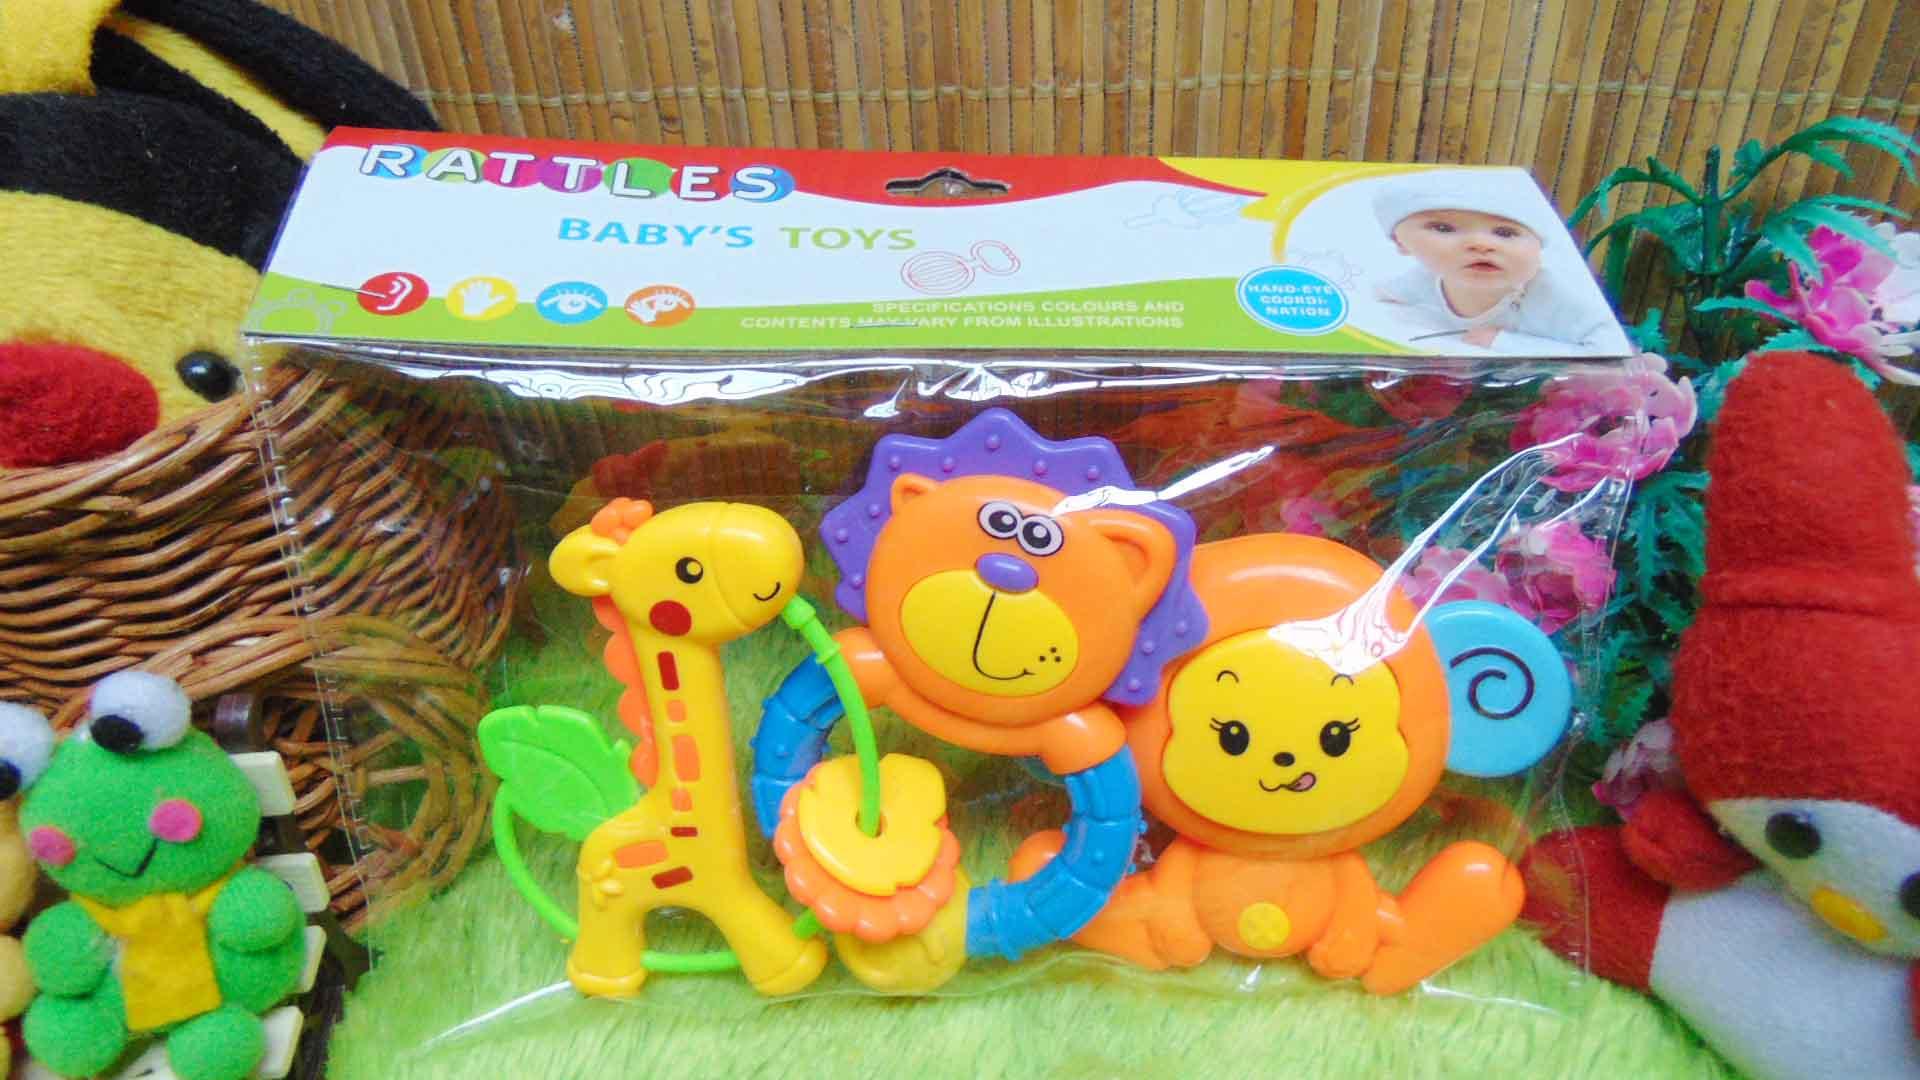 rattles kado bayi murah set 3in1 mainan bayi rattle icik-icik krincingan bisa bunyi komplit